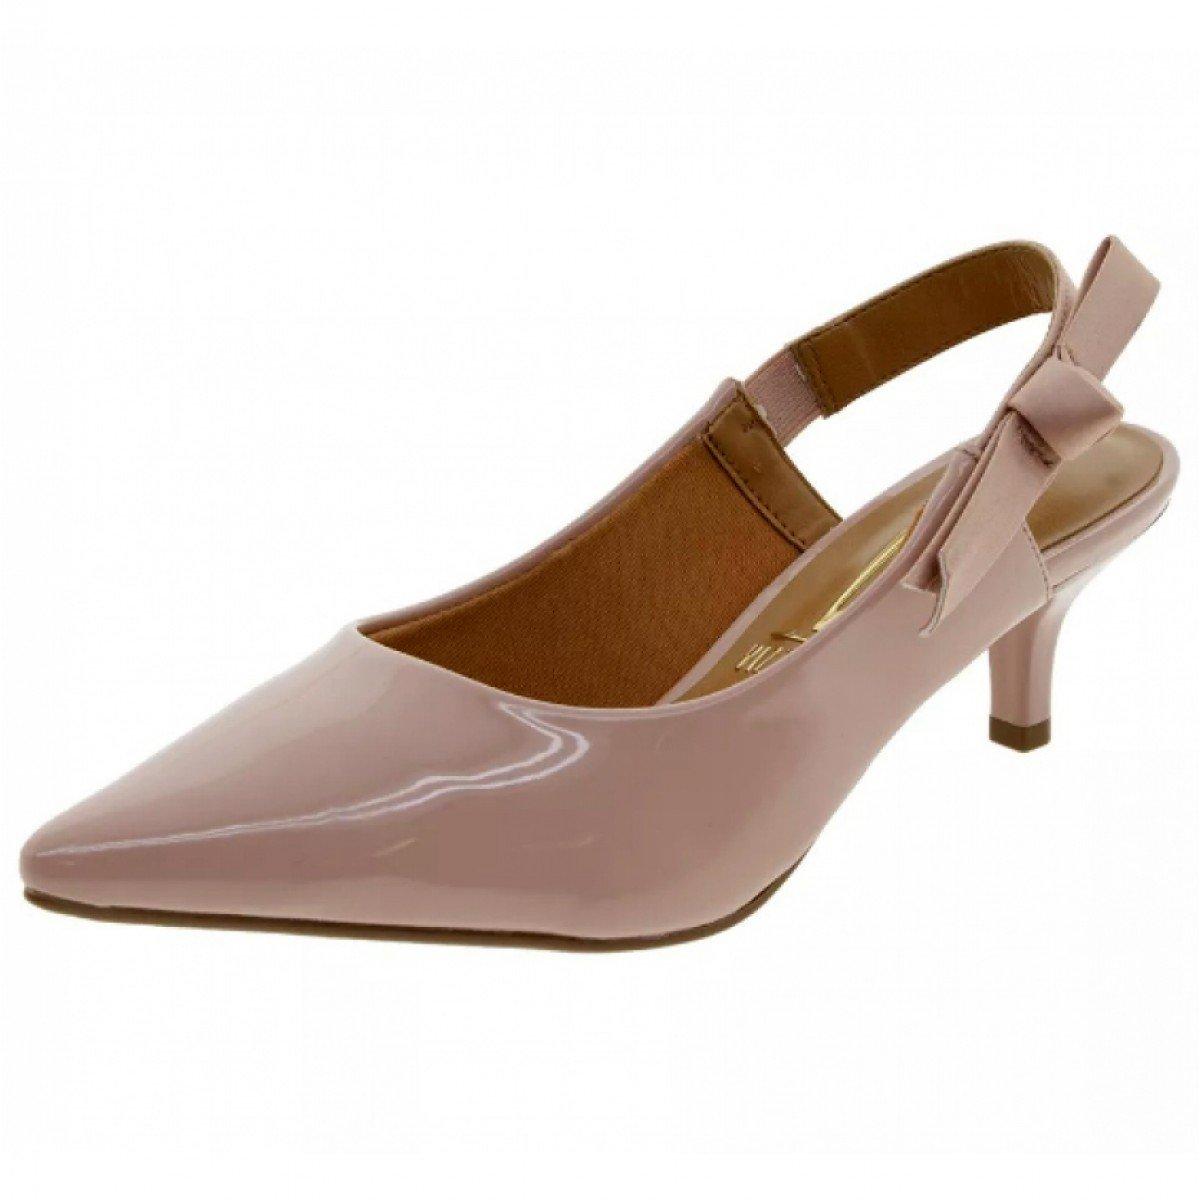 3af7146e1f Sapato Feminino Vizzano Scarpin Chanel Verniz Rosa - Compre Agora ...